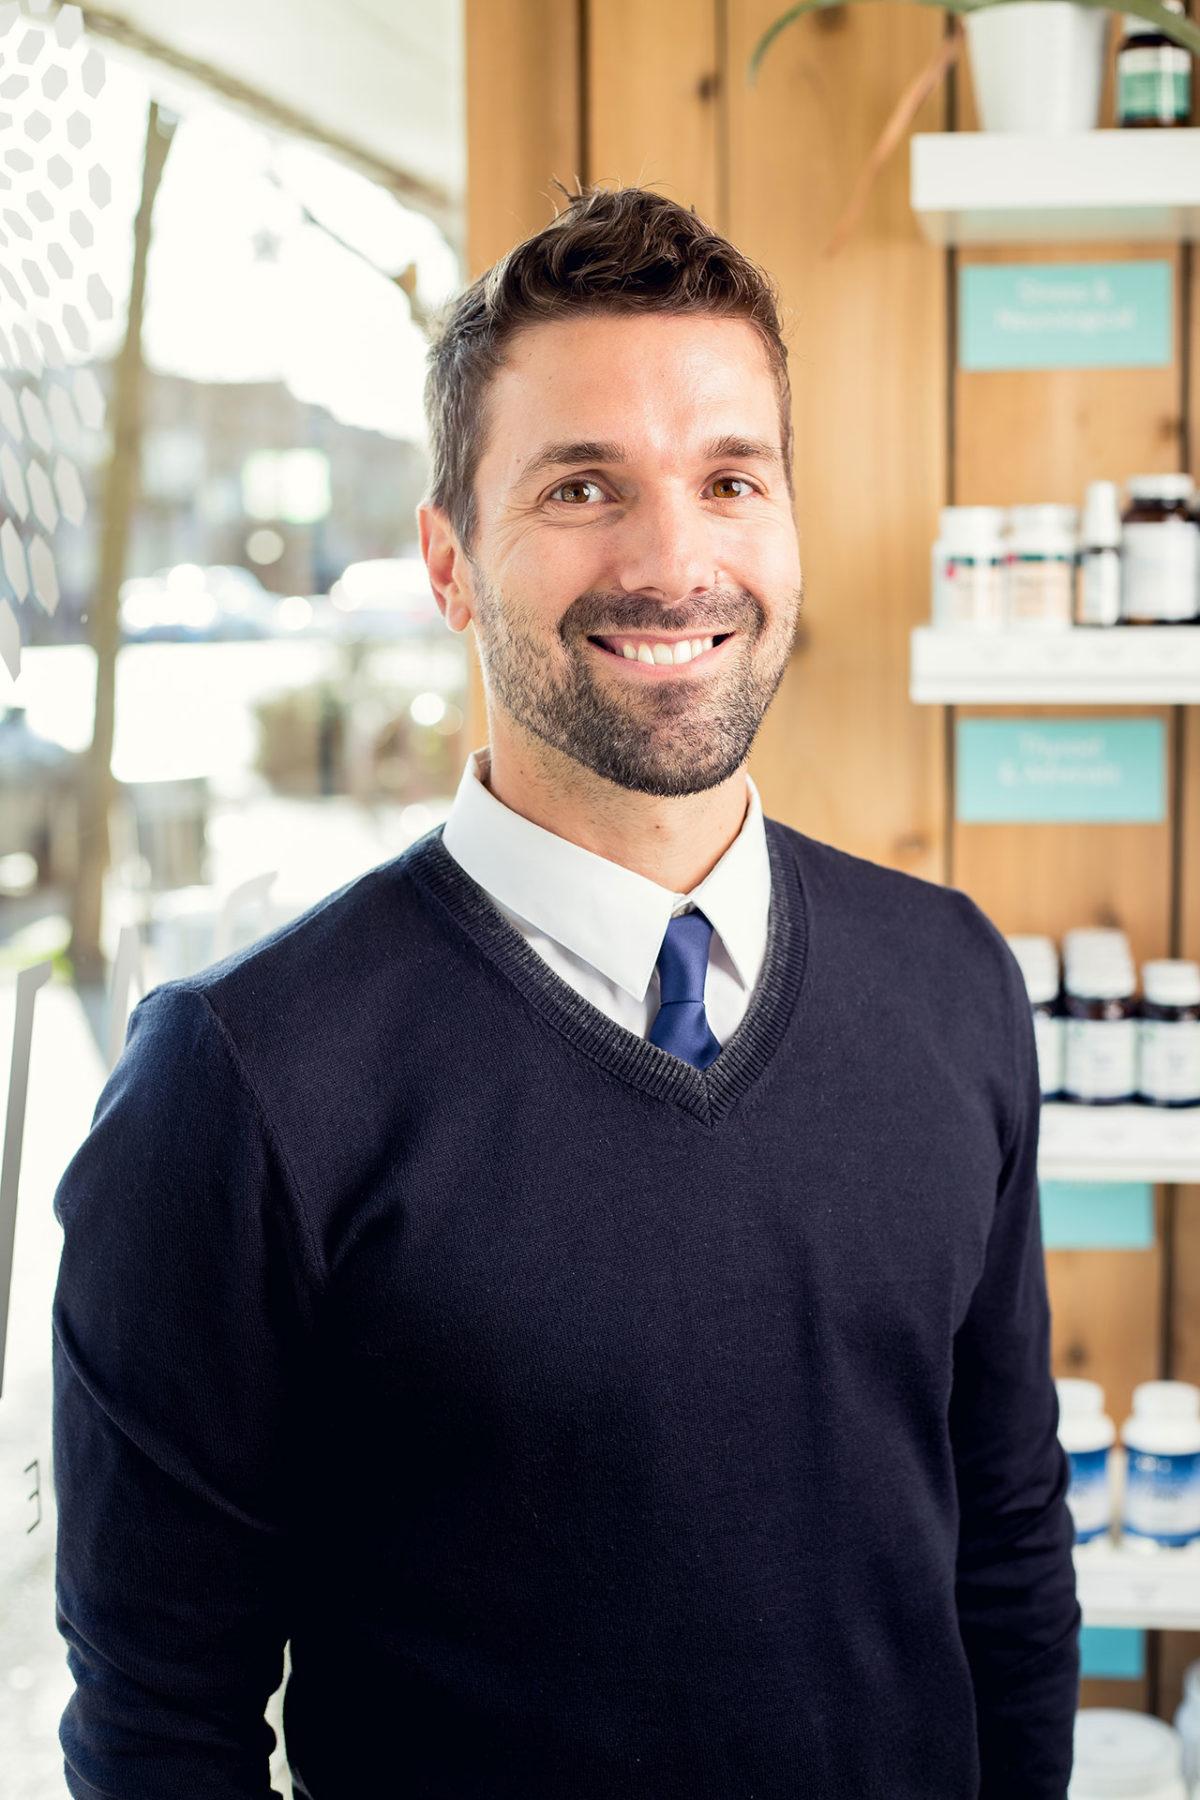 Dr. Nicholas Jensen